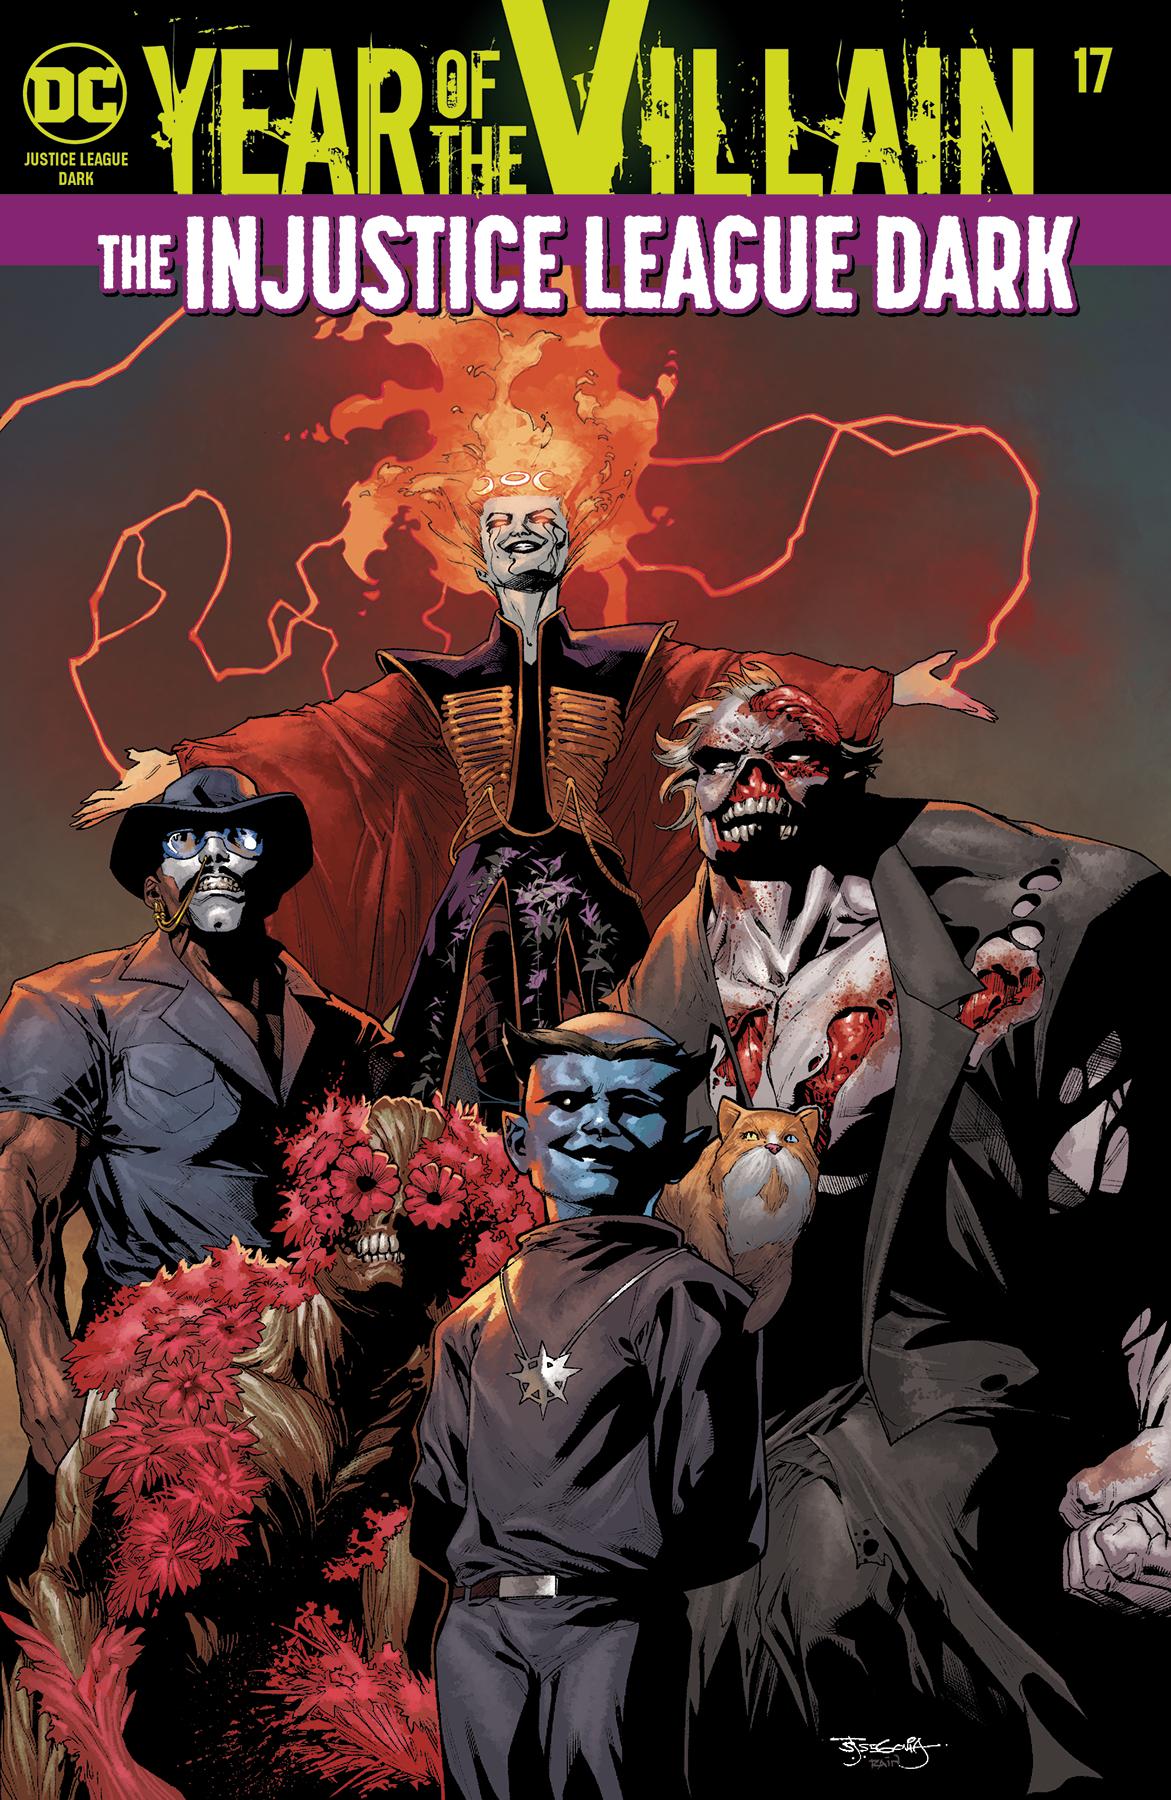 Justice League Dark #17 Yotv (STL134419)